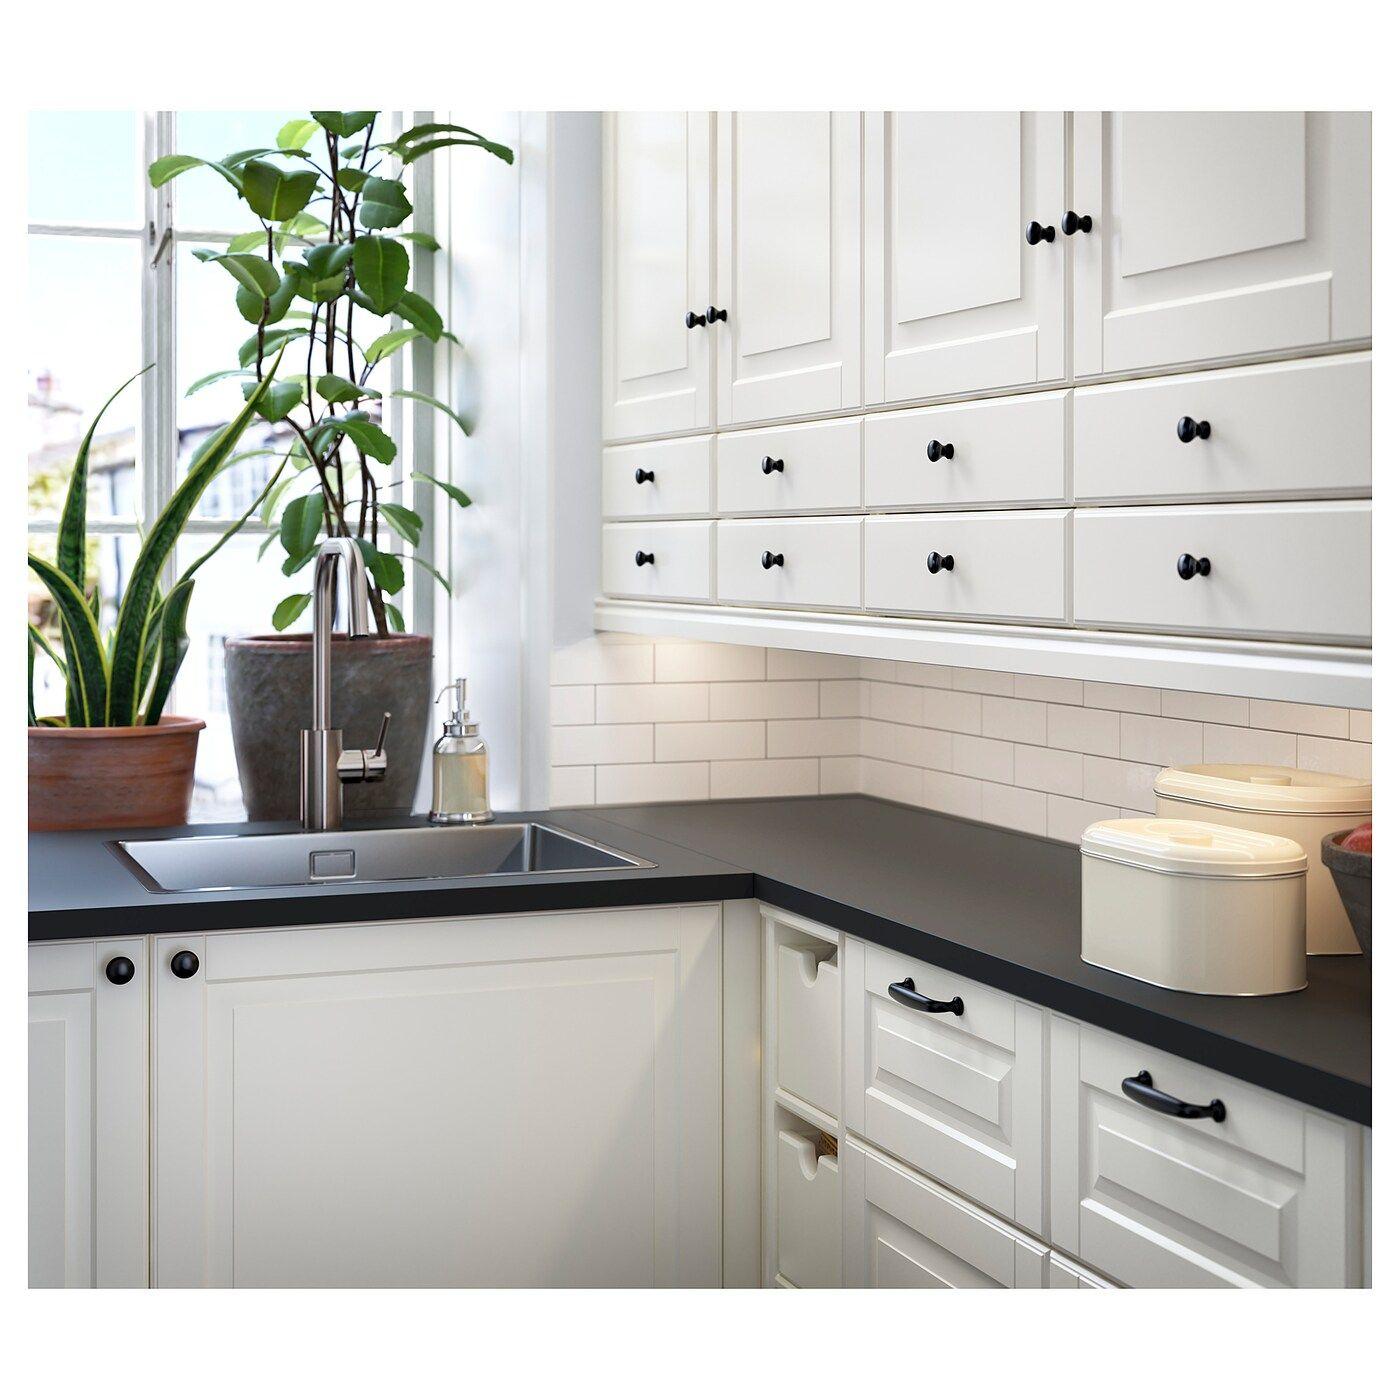 Ekbacken Arbeitsplatte Mattiert Anthrazit Laminat Ikea Osterreich White Cabinets White Countertops Black Kitchen Countertops White Cabinets Black Countertops